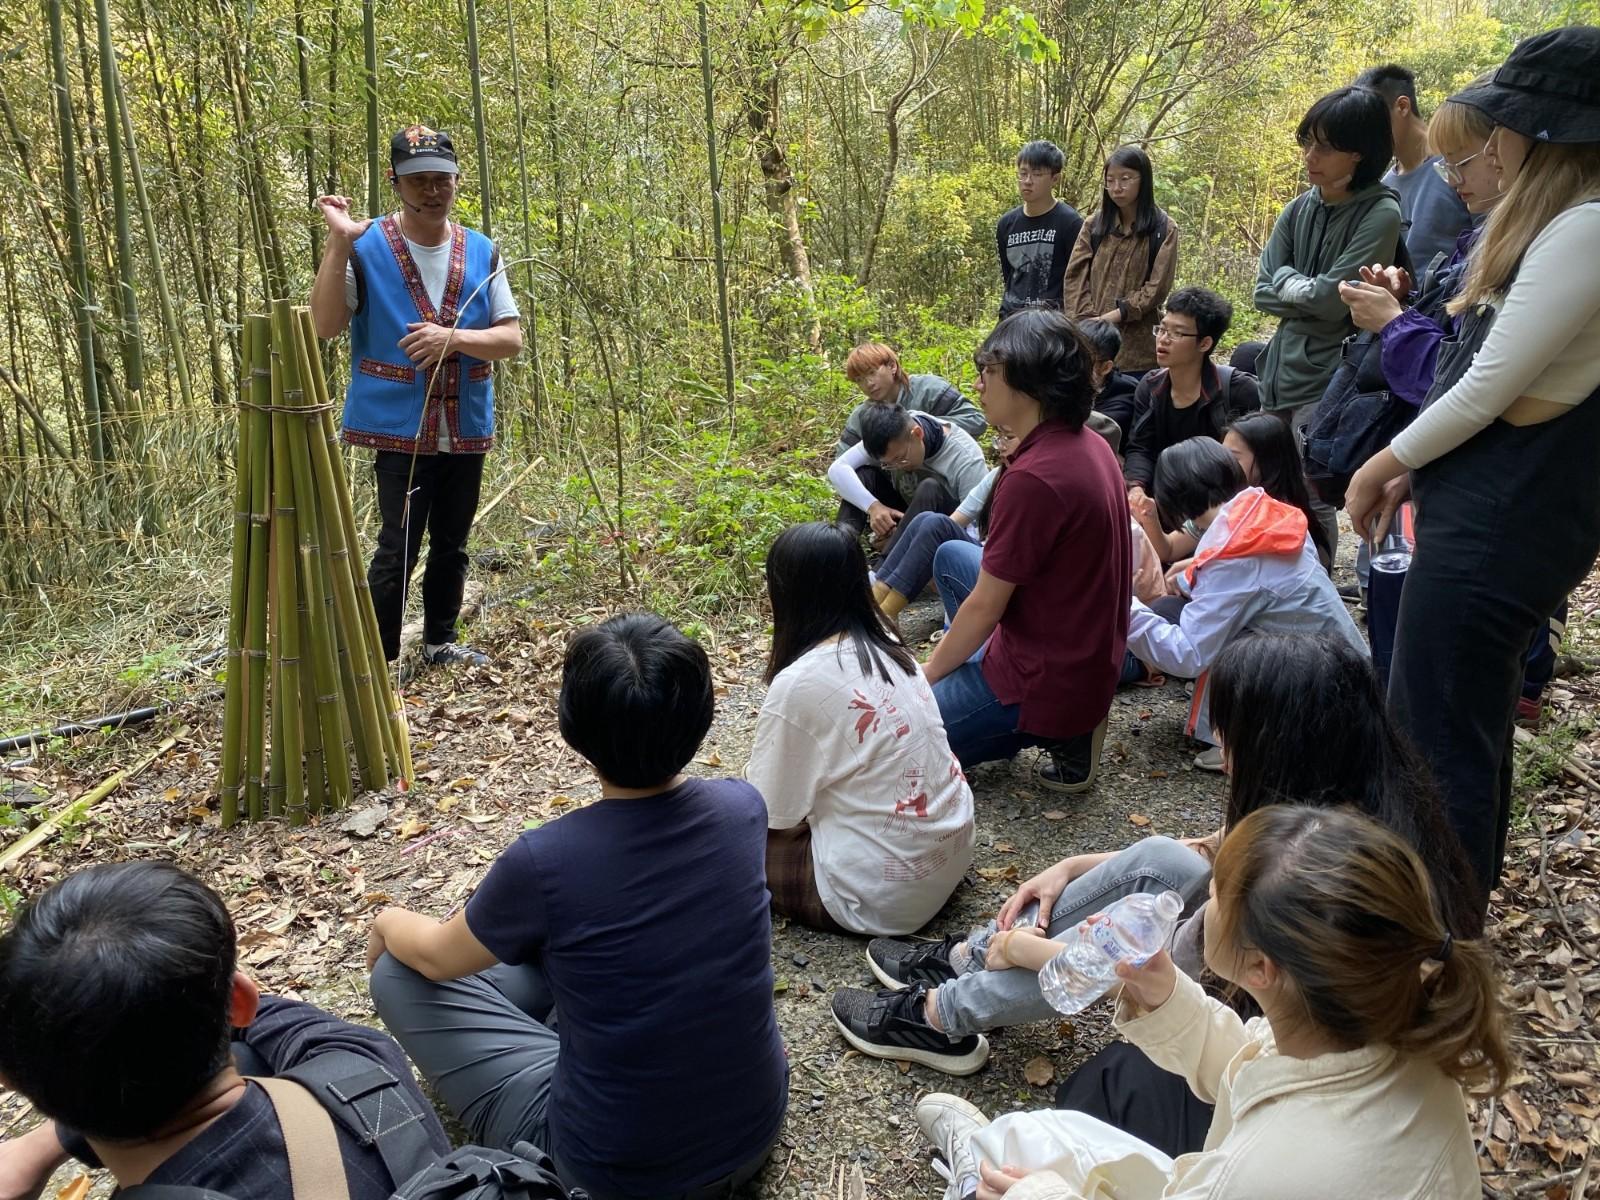 中原景觀大一學生用心聆聽卡維蘭部落獵人分享狩獵故事,更加認識部落生活型態。.jpg